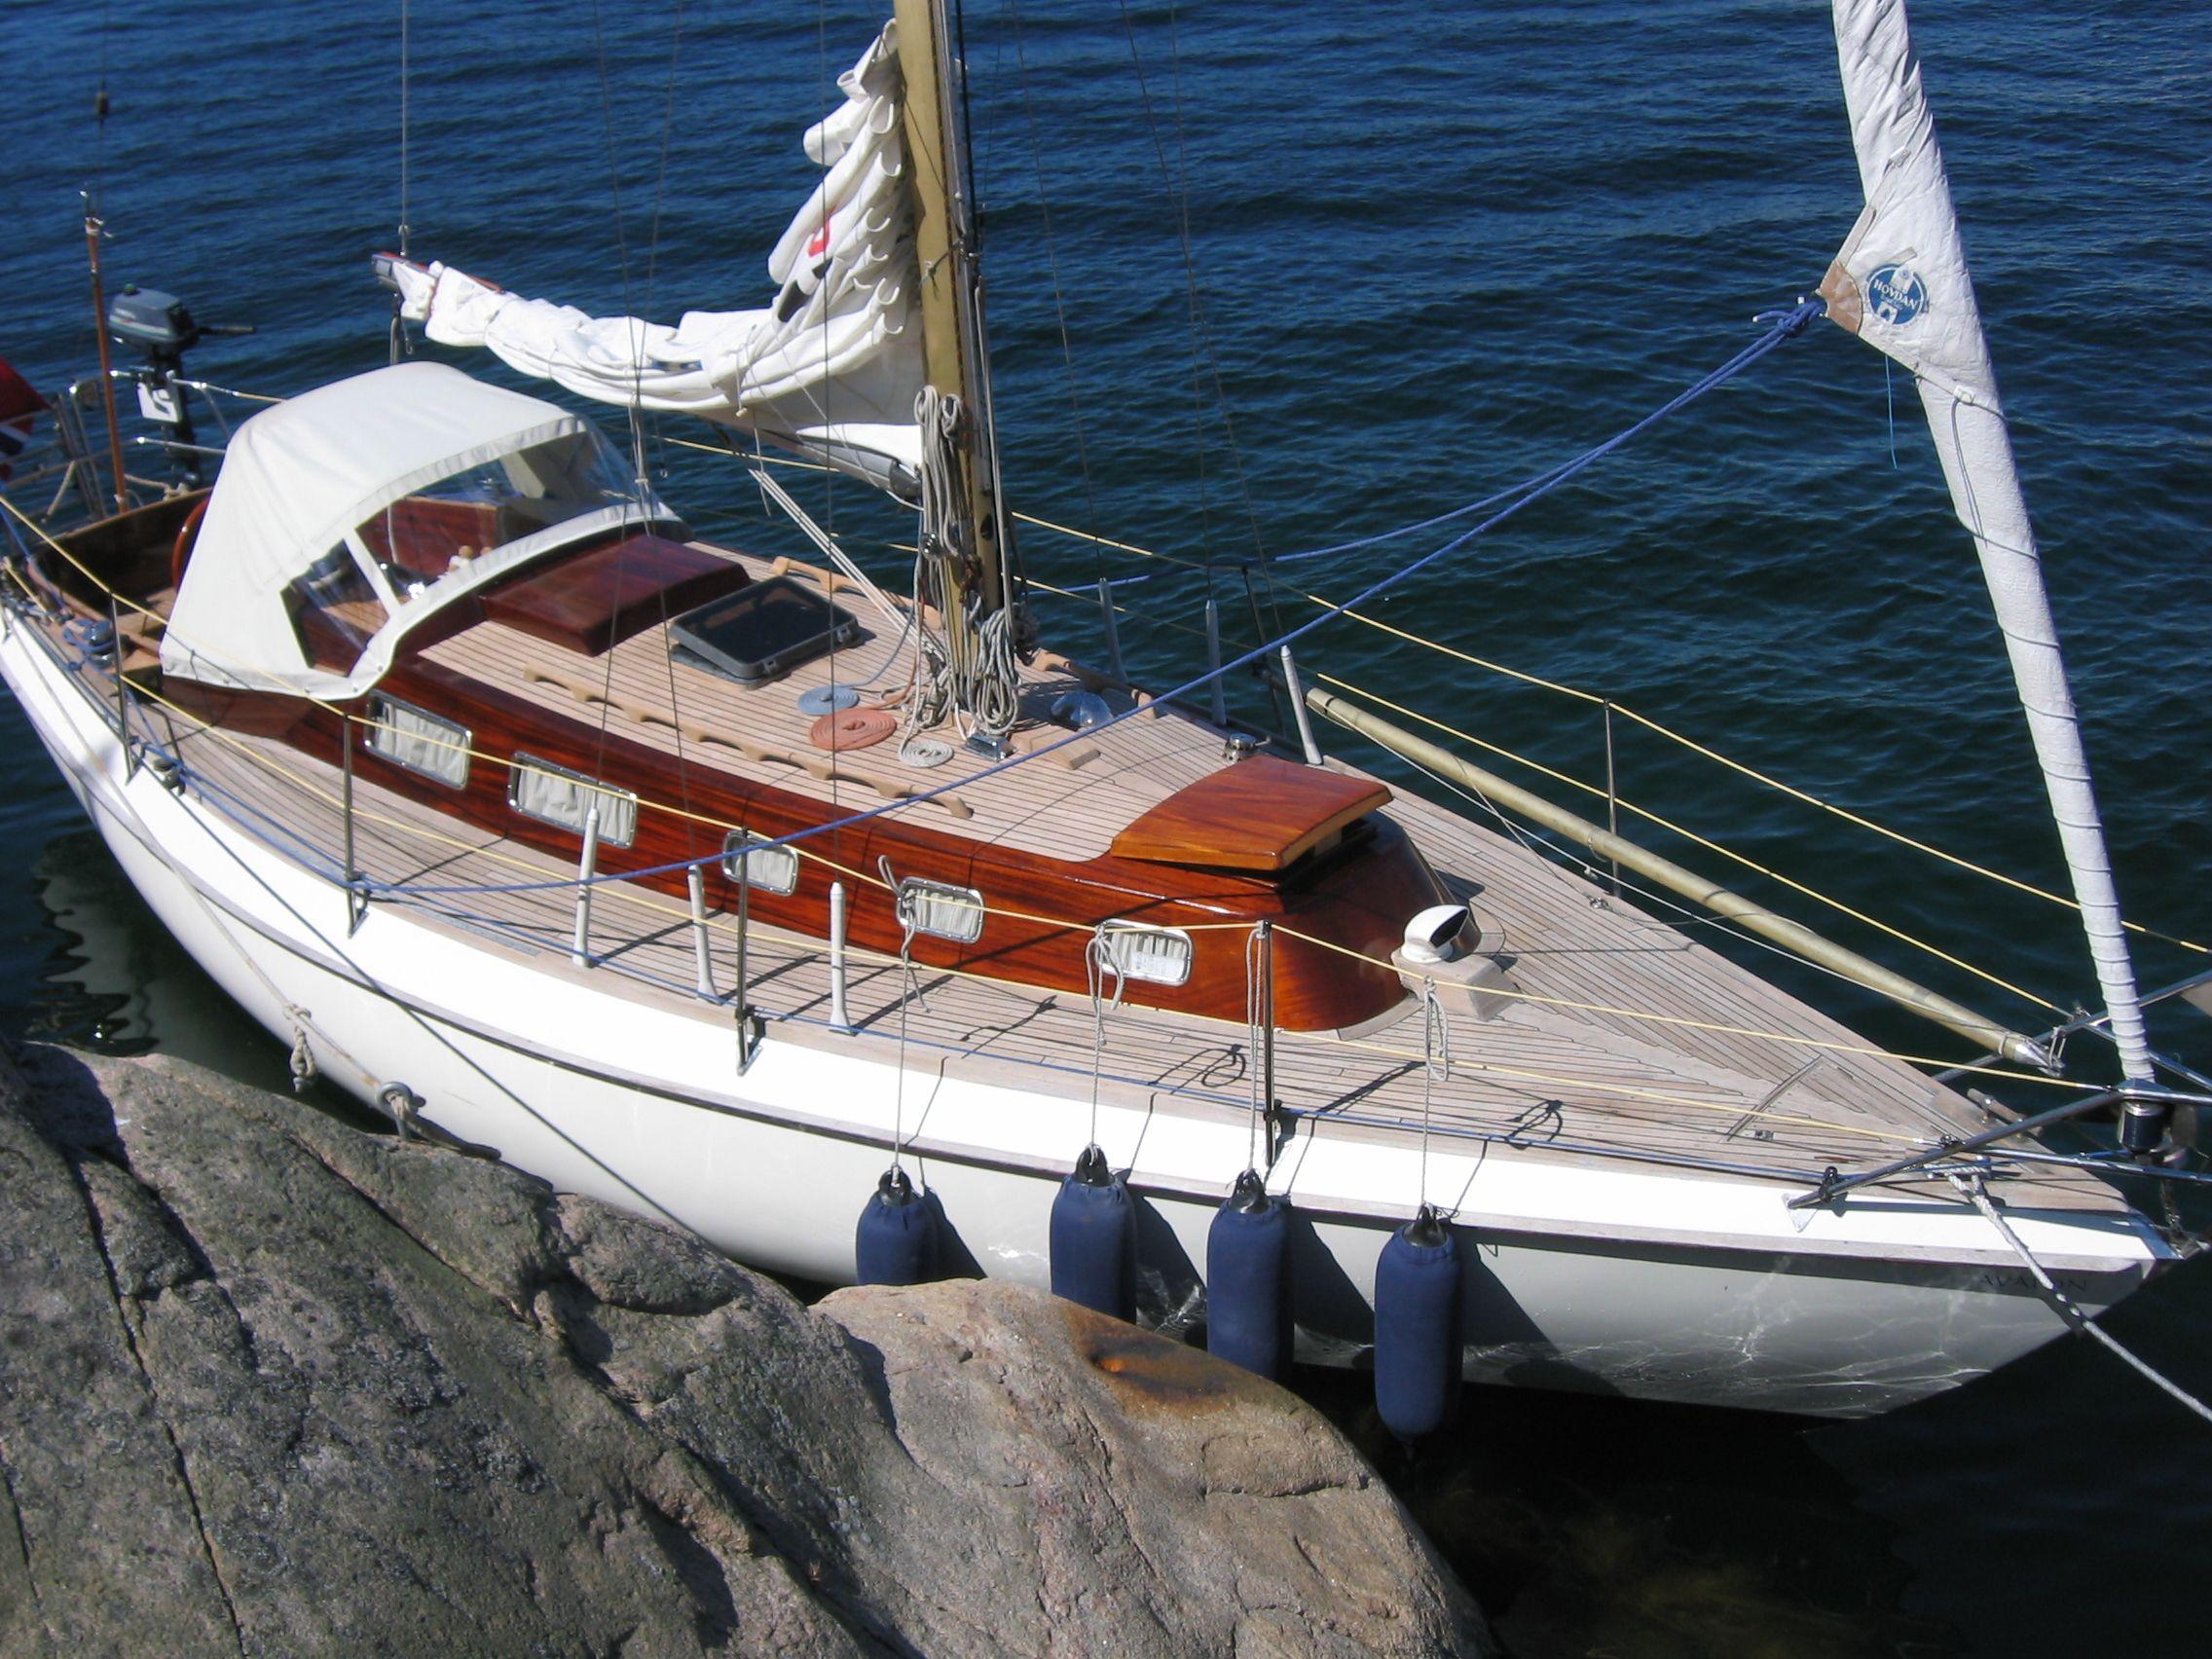 vindo 40 | File:Vindö 40 build in 1977.jpg - Wikimedia Commons